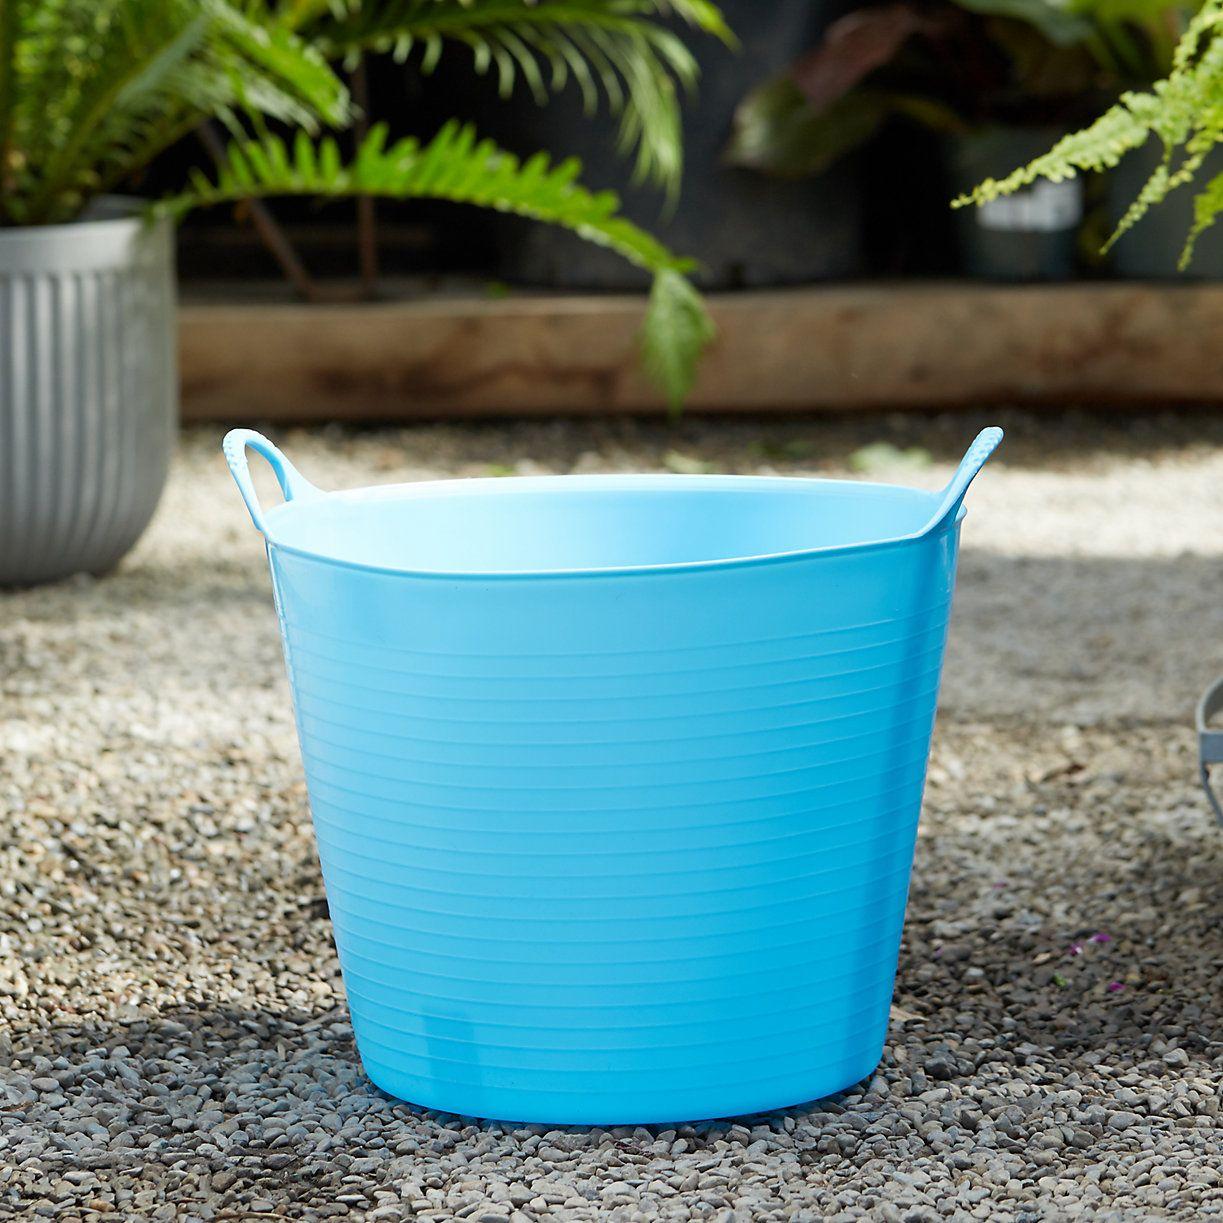 Flexible Garden Tub   Garden tub, Tubs and Barn